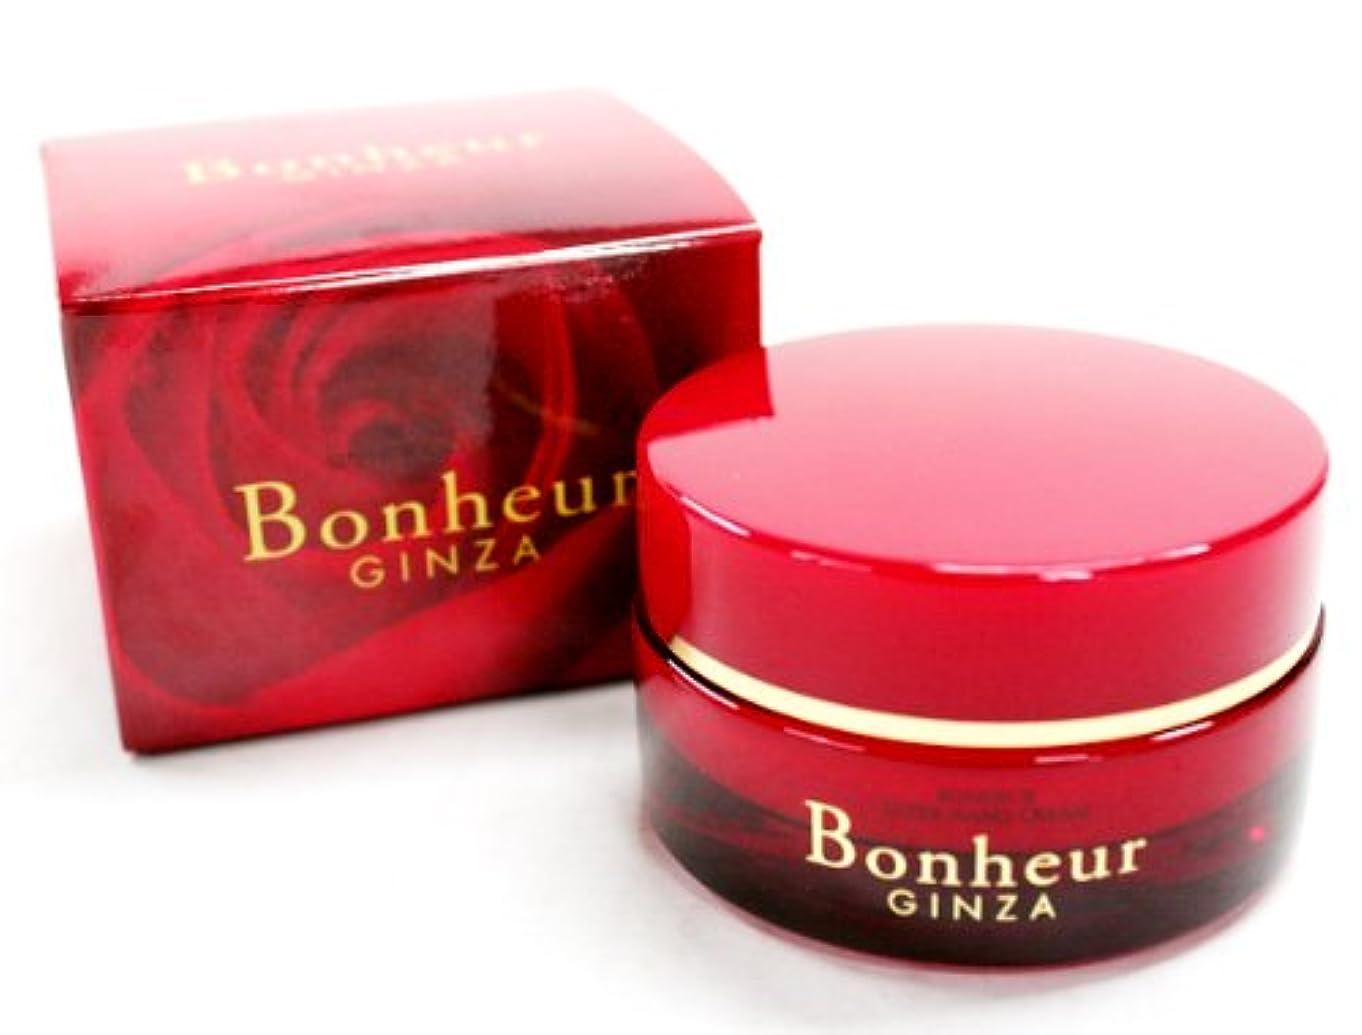 変な杭スケルトンBonheur GINZA ボヌール スーパーナノクリーム 30g (こちらの商品の内訳は『1点』のみ)